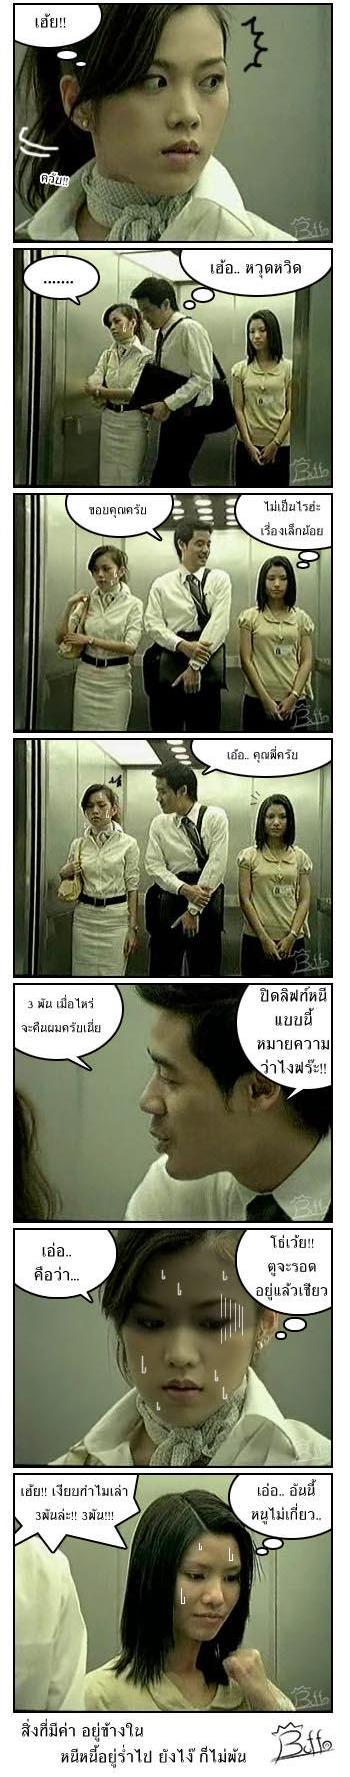 Elevatorfun002.jpg